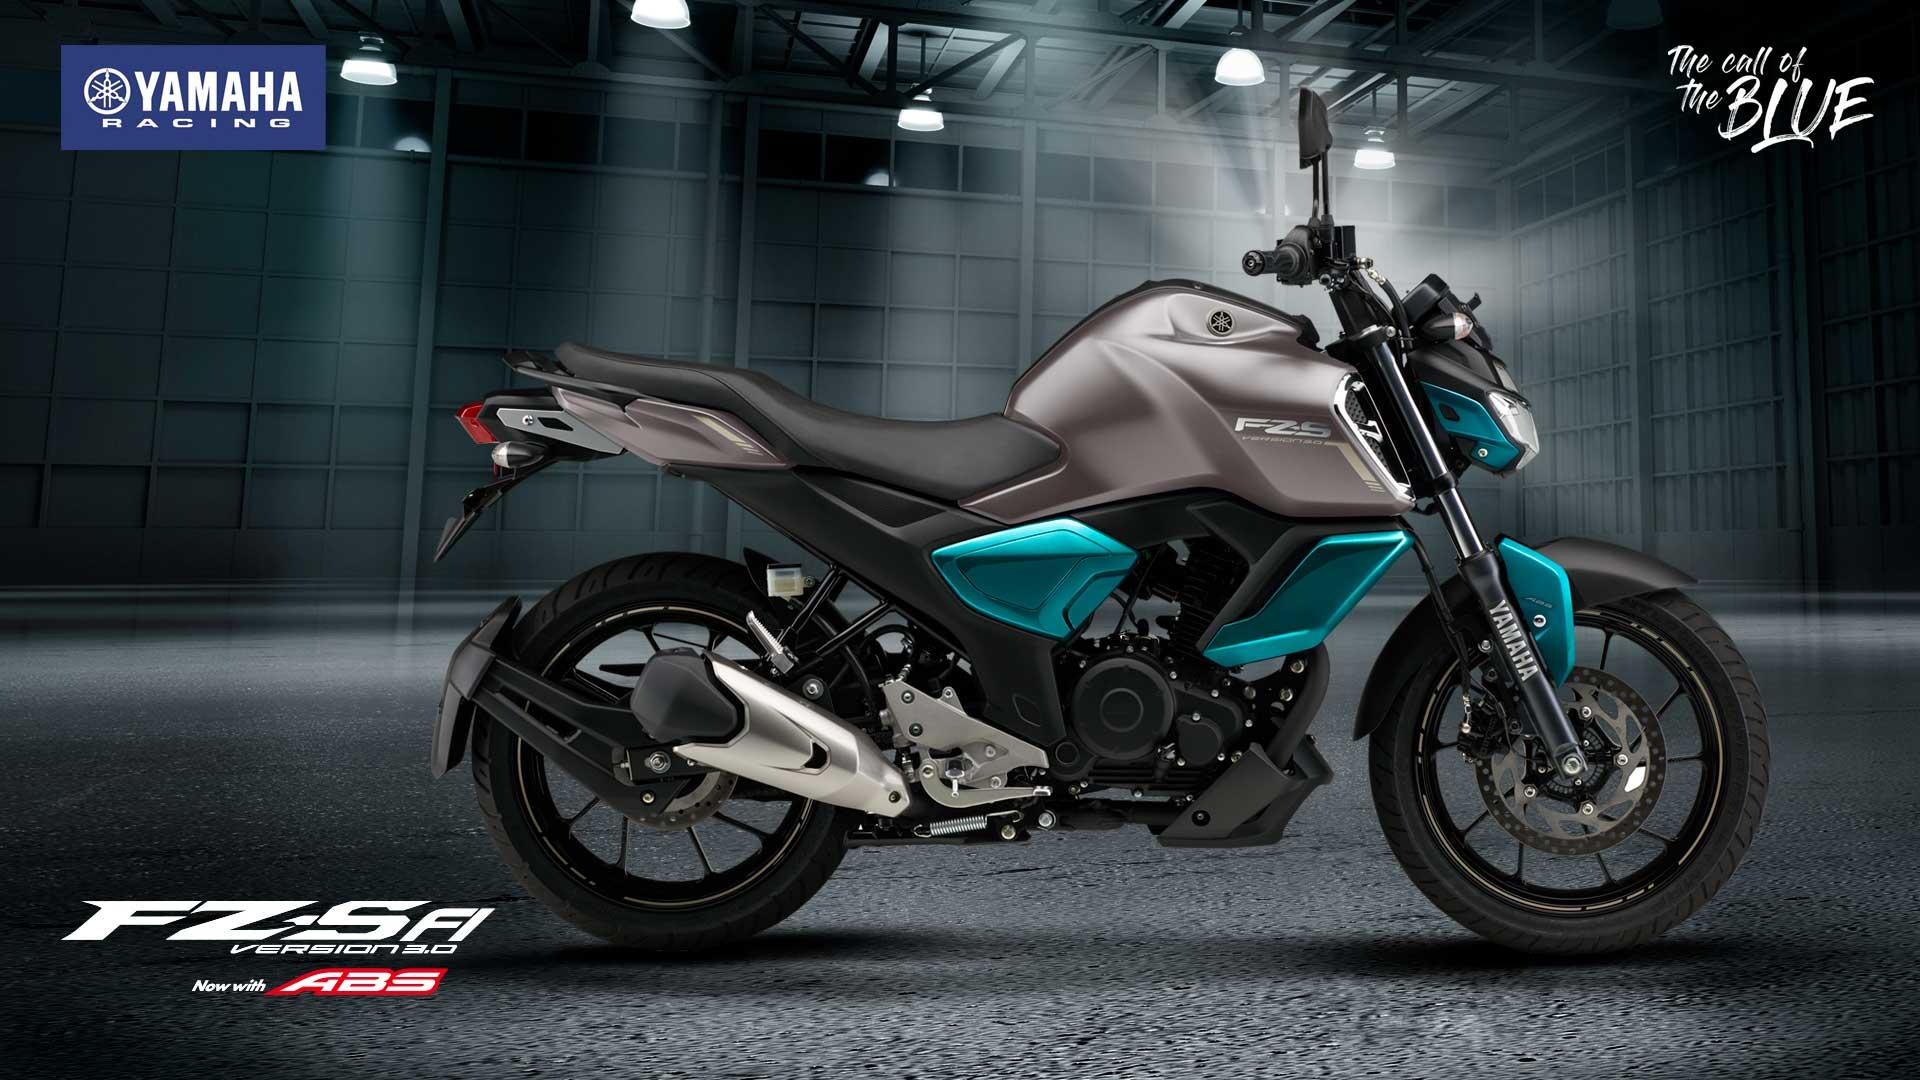 New Bike - 2019 Yamaha FZS-FI